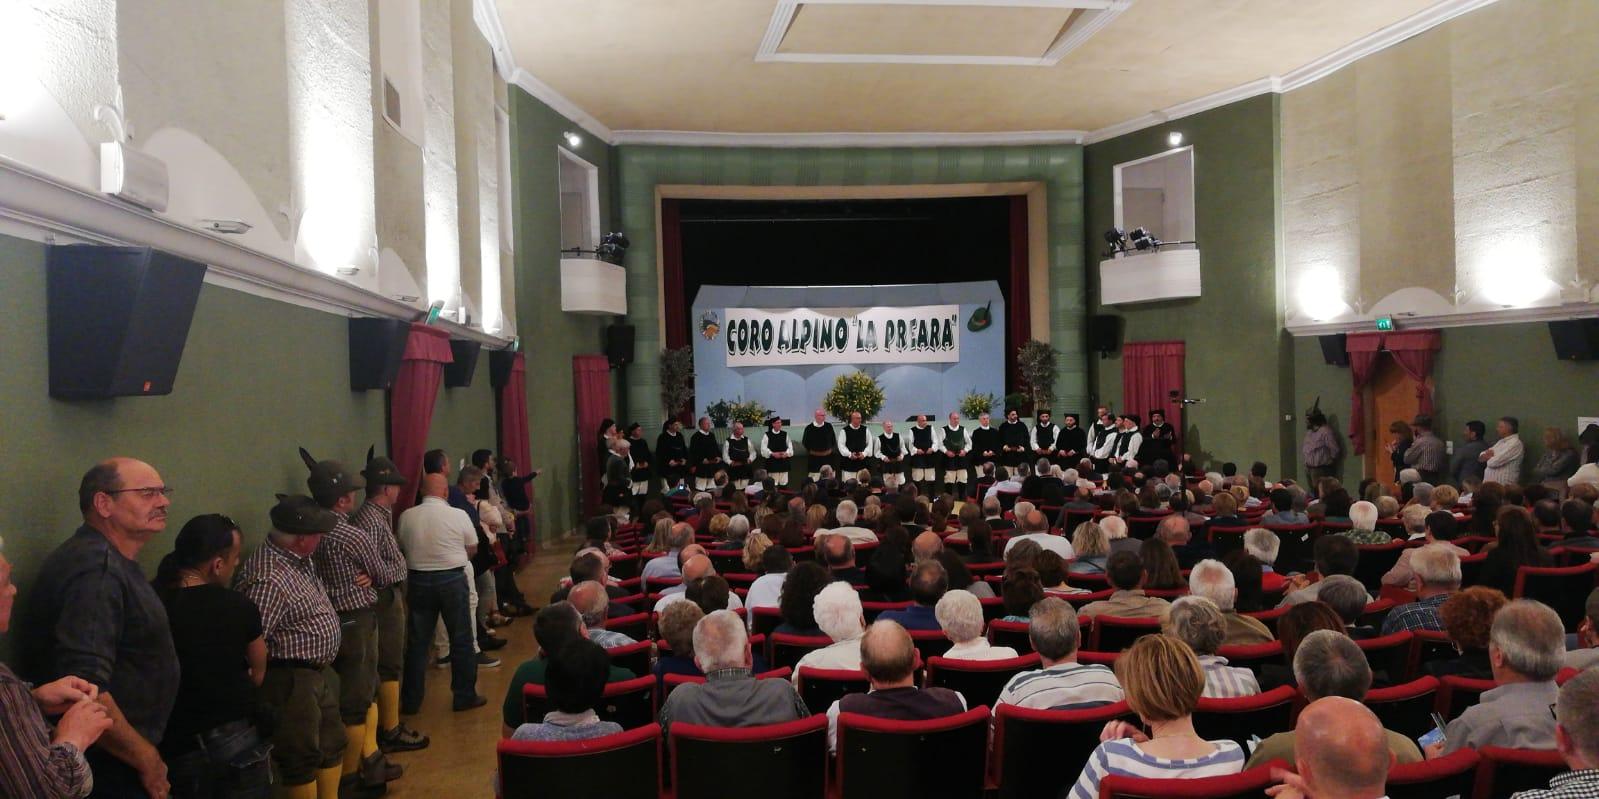 II Coro Città di Ozieri nel teatro di Caprino